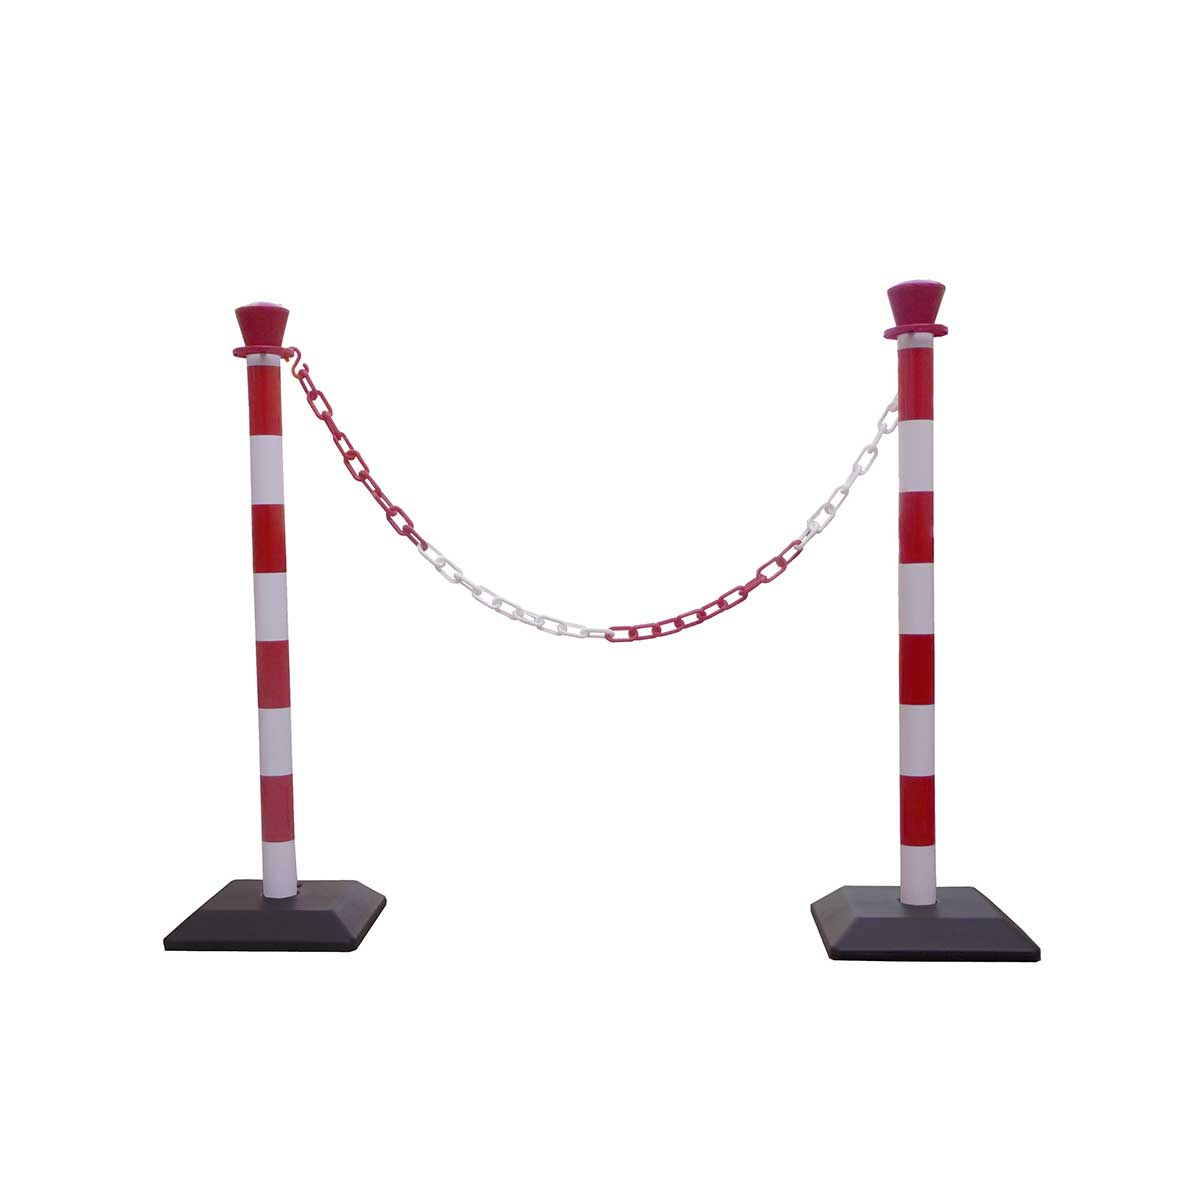 Postes de señalización y restricción de paso con cadenas